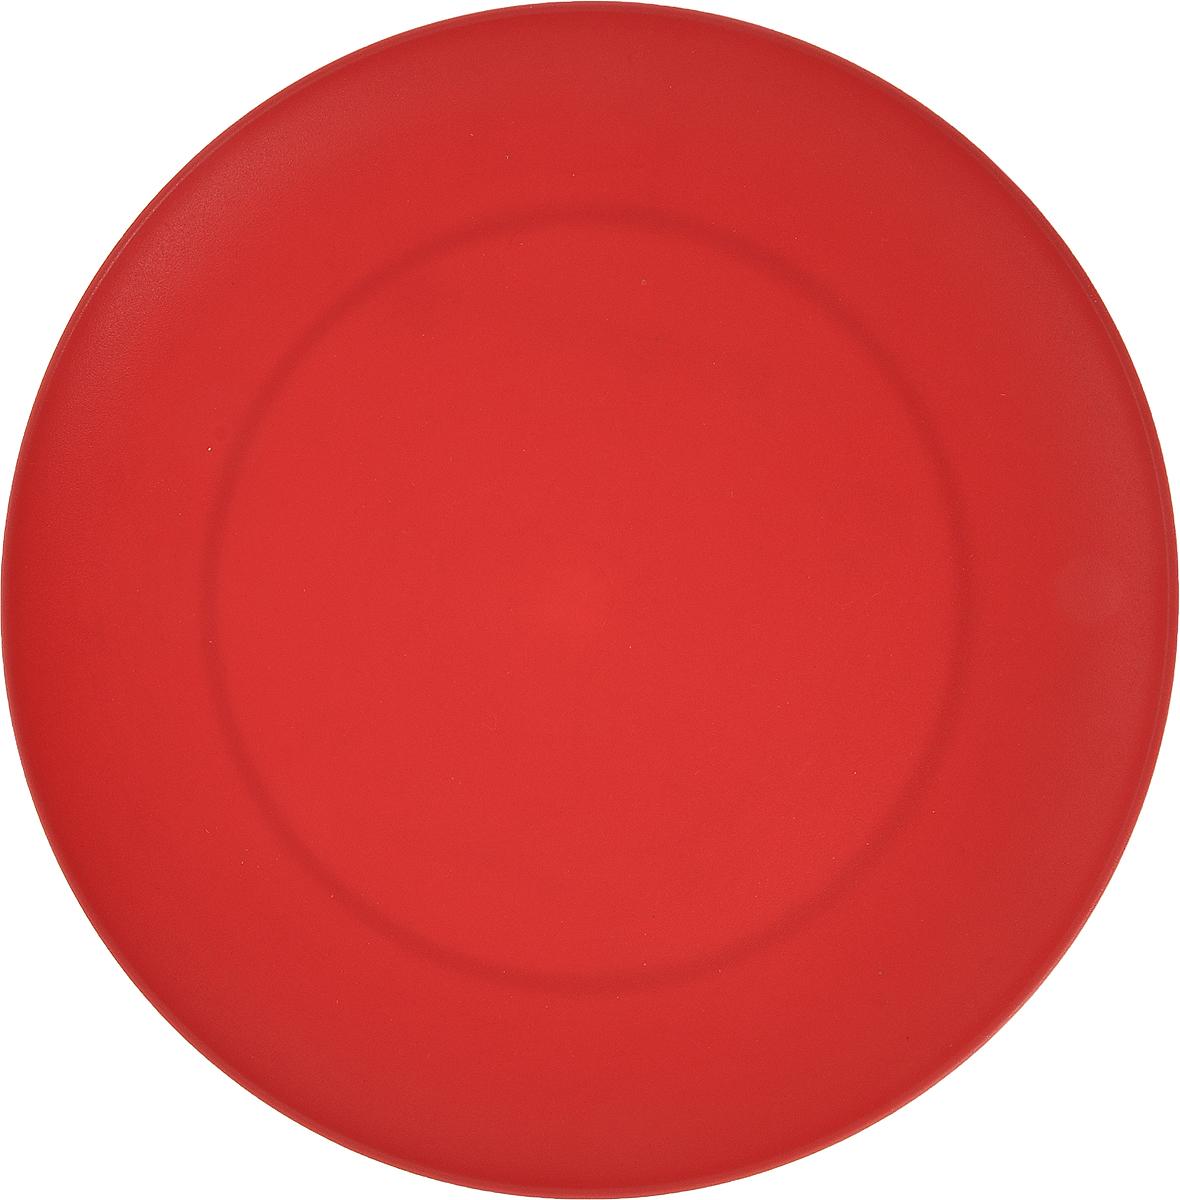 """Тарелка """"Gotoff"""" изготовлена из цветного пищевого  полипропилена и предназначена для холодной и горячей пищи.  Выдерживает температурный режим в пределах от -25°С  до +110°C.  Посуду из пластика можно использовать в  микроволновой печи, но необходимо, чтобы нагрев не  превышал максимально допустимую температуру.  Удобная, легкая и практичная посуда для пикника и дачи  поможет сервировать стол без хлопот! Диаметр тарелки (по верхнему краю): 20,3 см.  Высота тарелки: 2 см."""